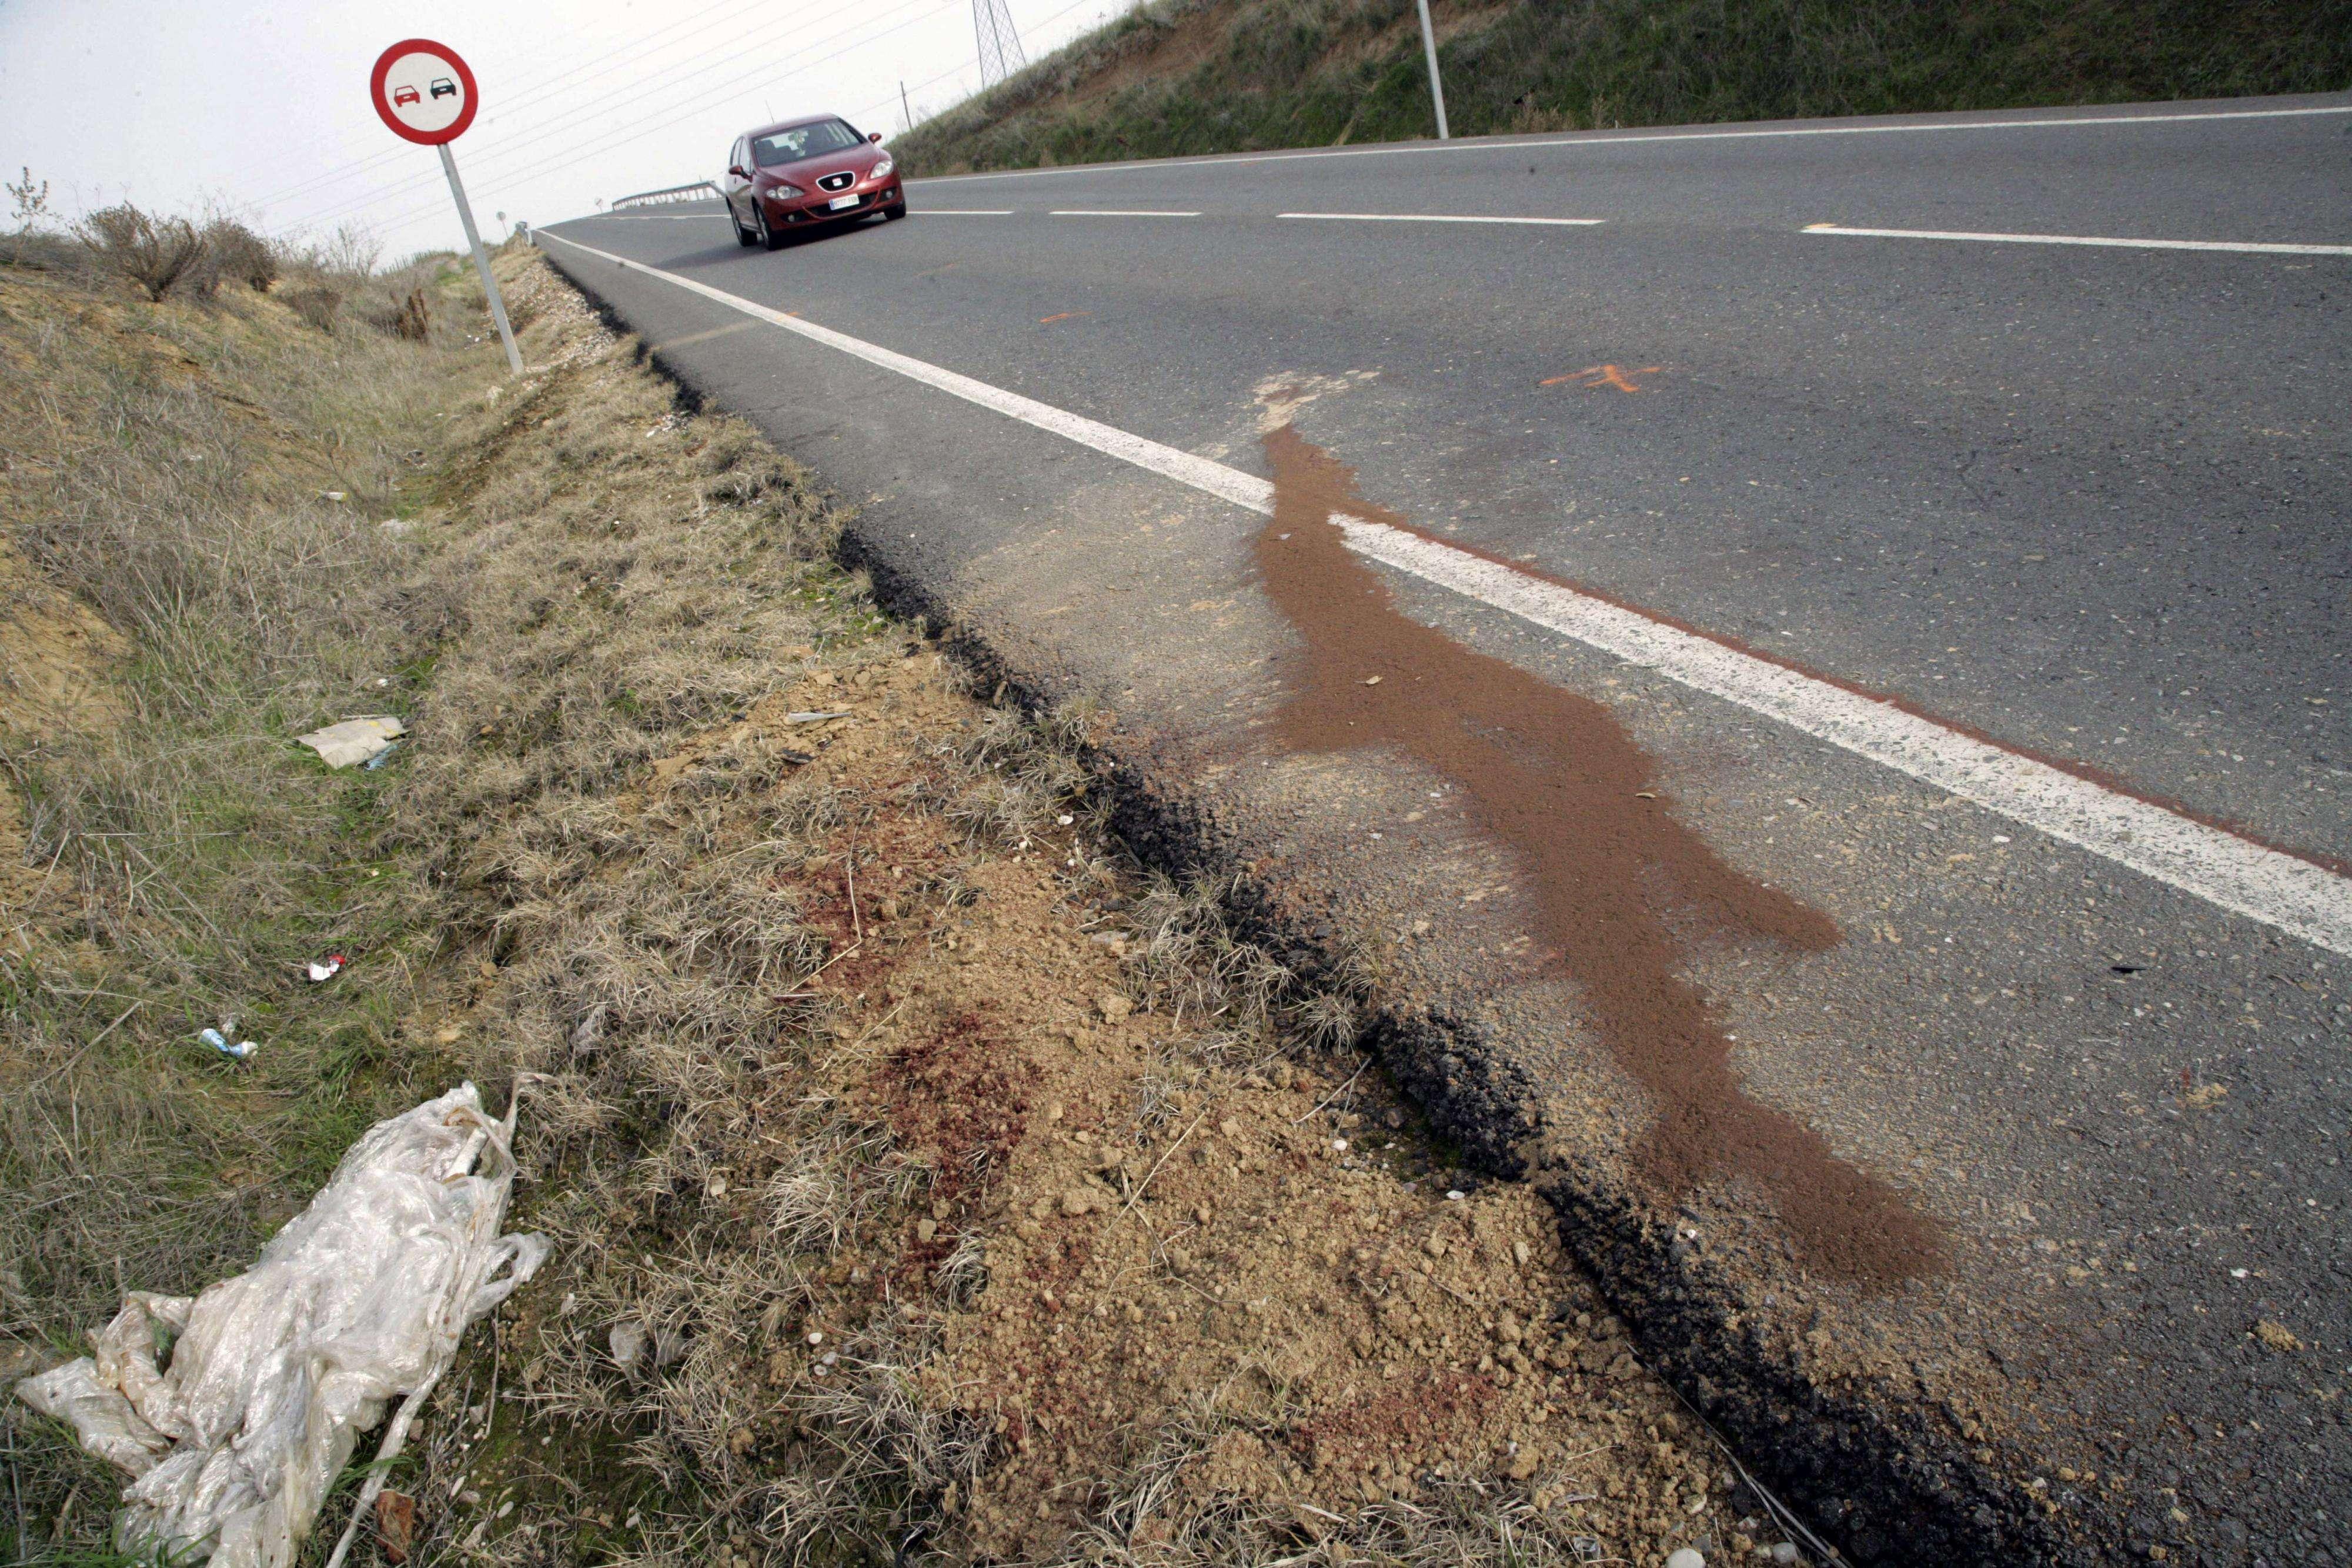 Lugar de la carretera TO-3927, a 4 kilómetros de Fuensalida (Toledo), donde tres niñas, de 12, 15 y 16 años, han fallecido esta mañana tras ser atropelladas por un turismo, en un accidente de tráfico en el que han resultado heridas otras dos personas, una muy grave y otra leve. Foto: EFE en español